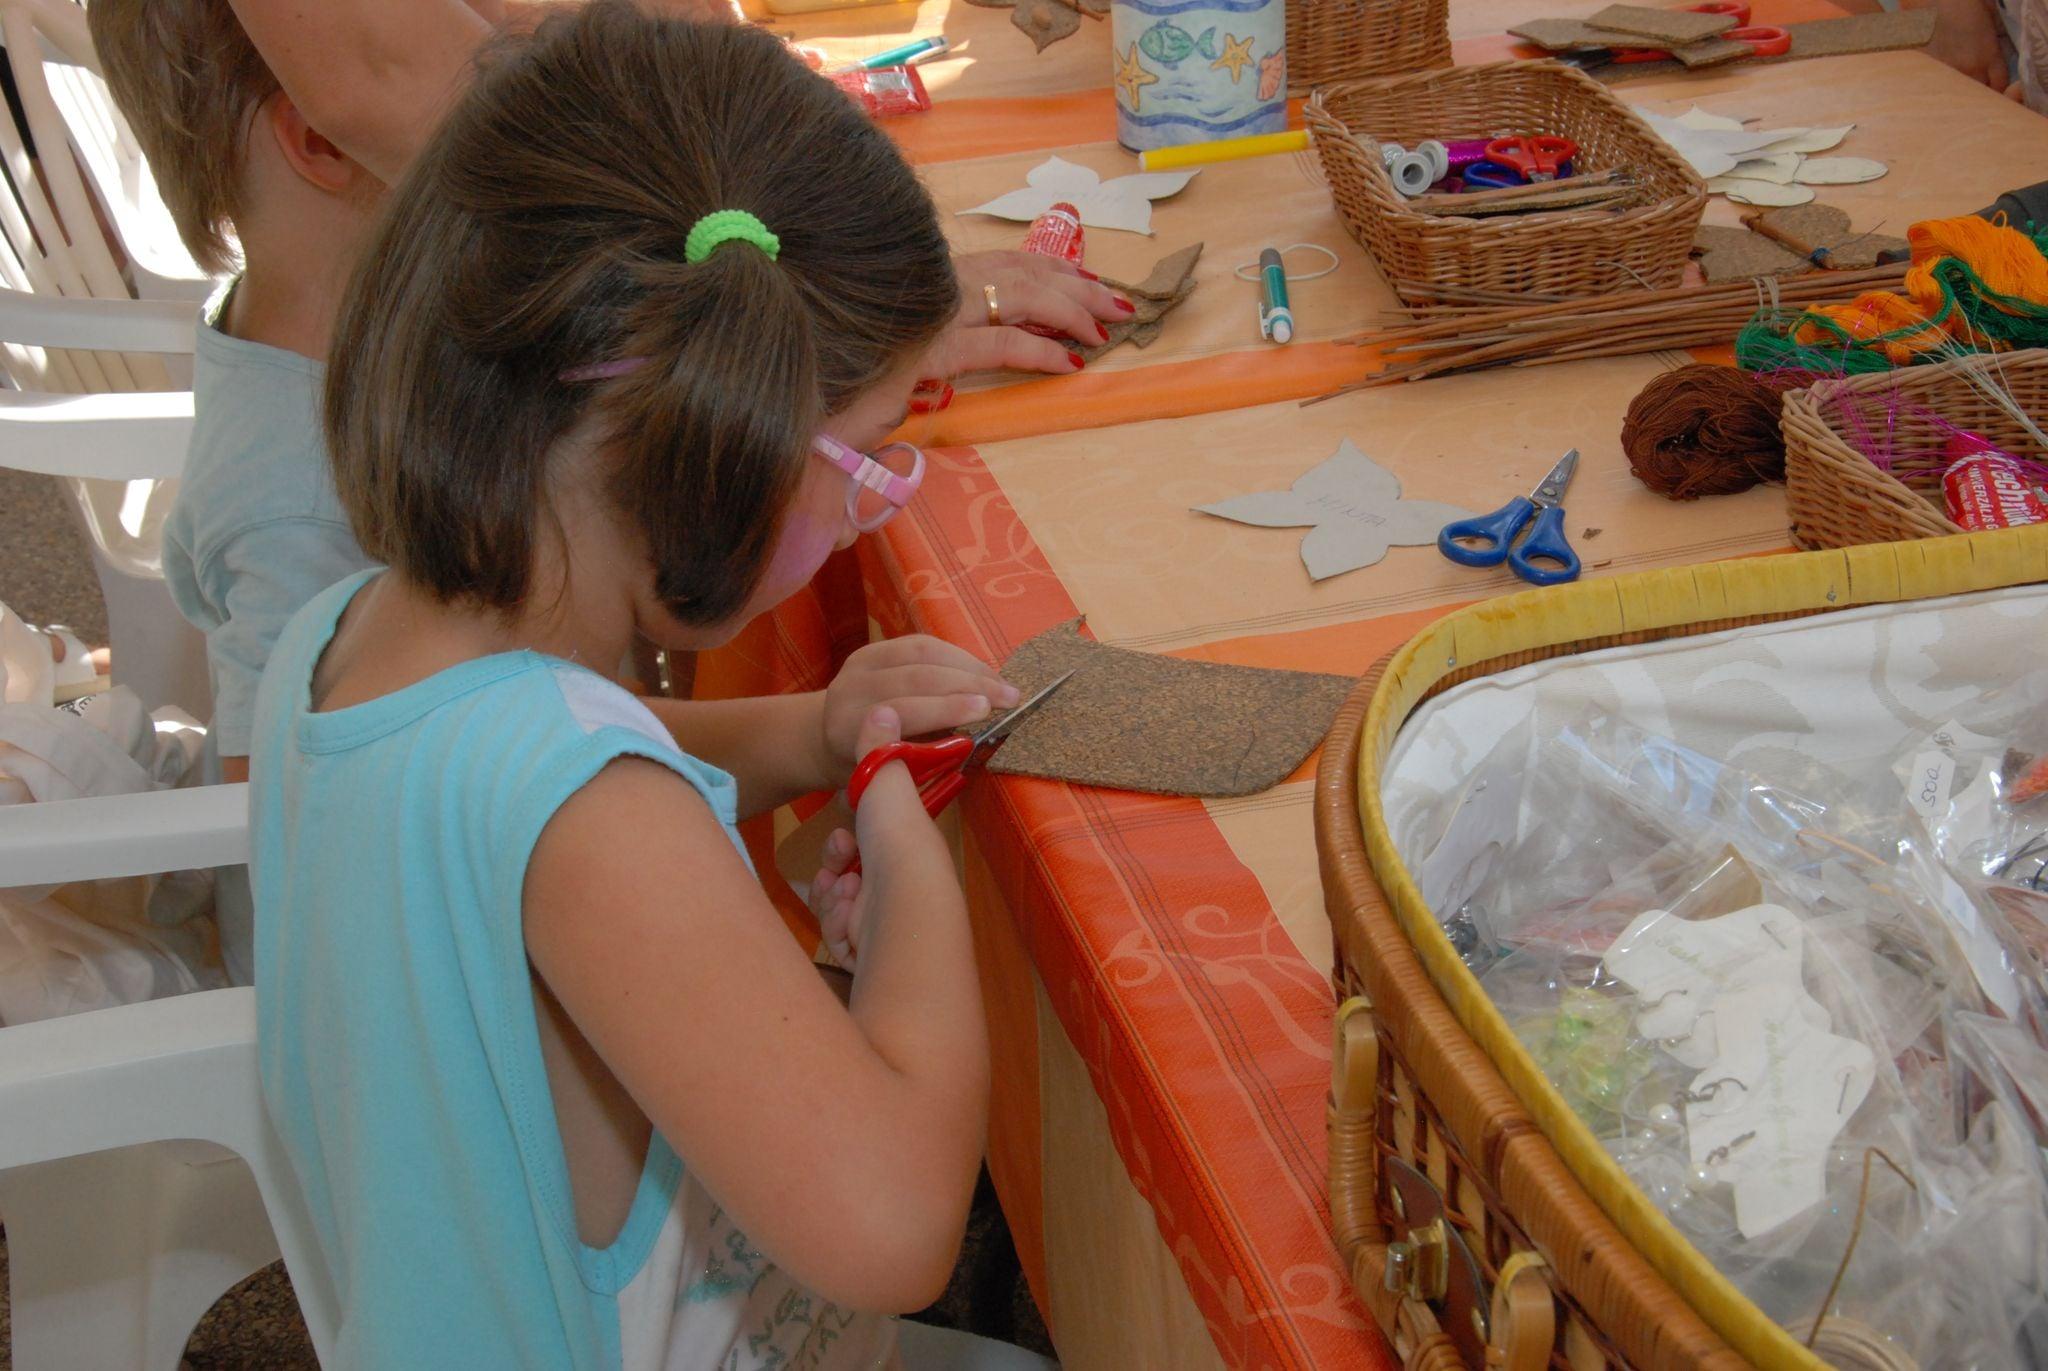 Hangulatjelentés Summerfest gyerekdélutánjáról